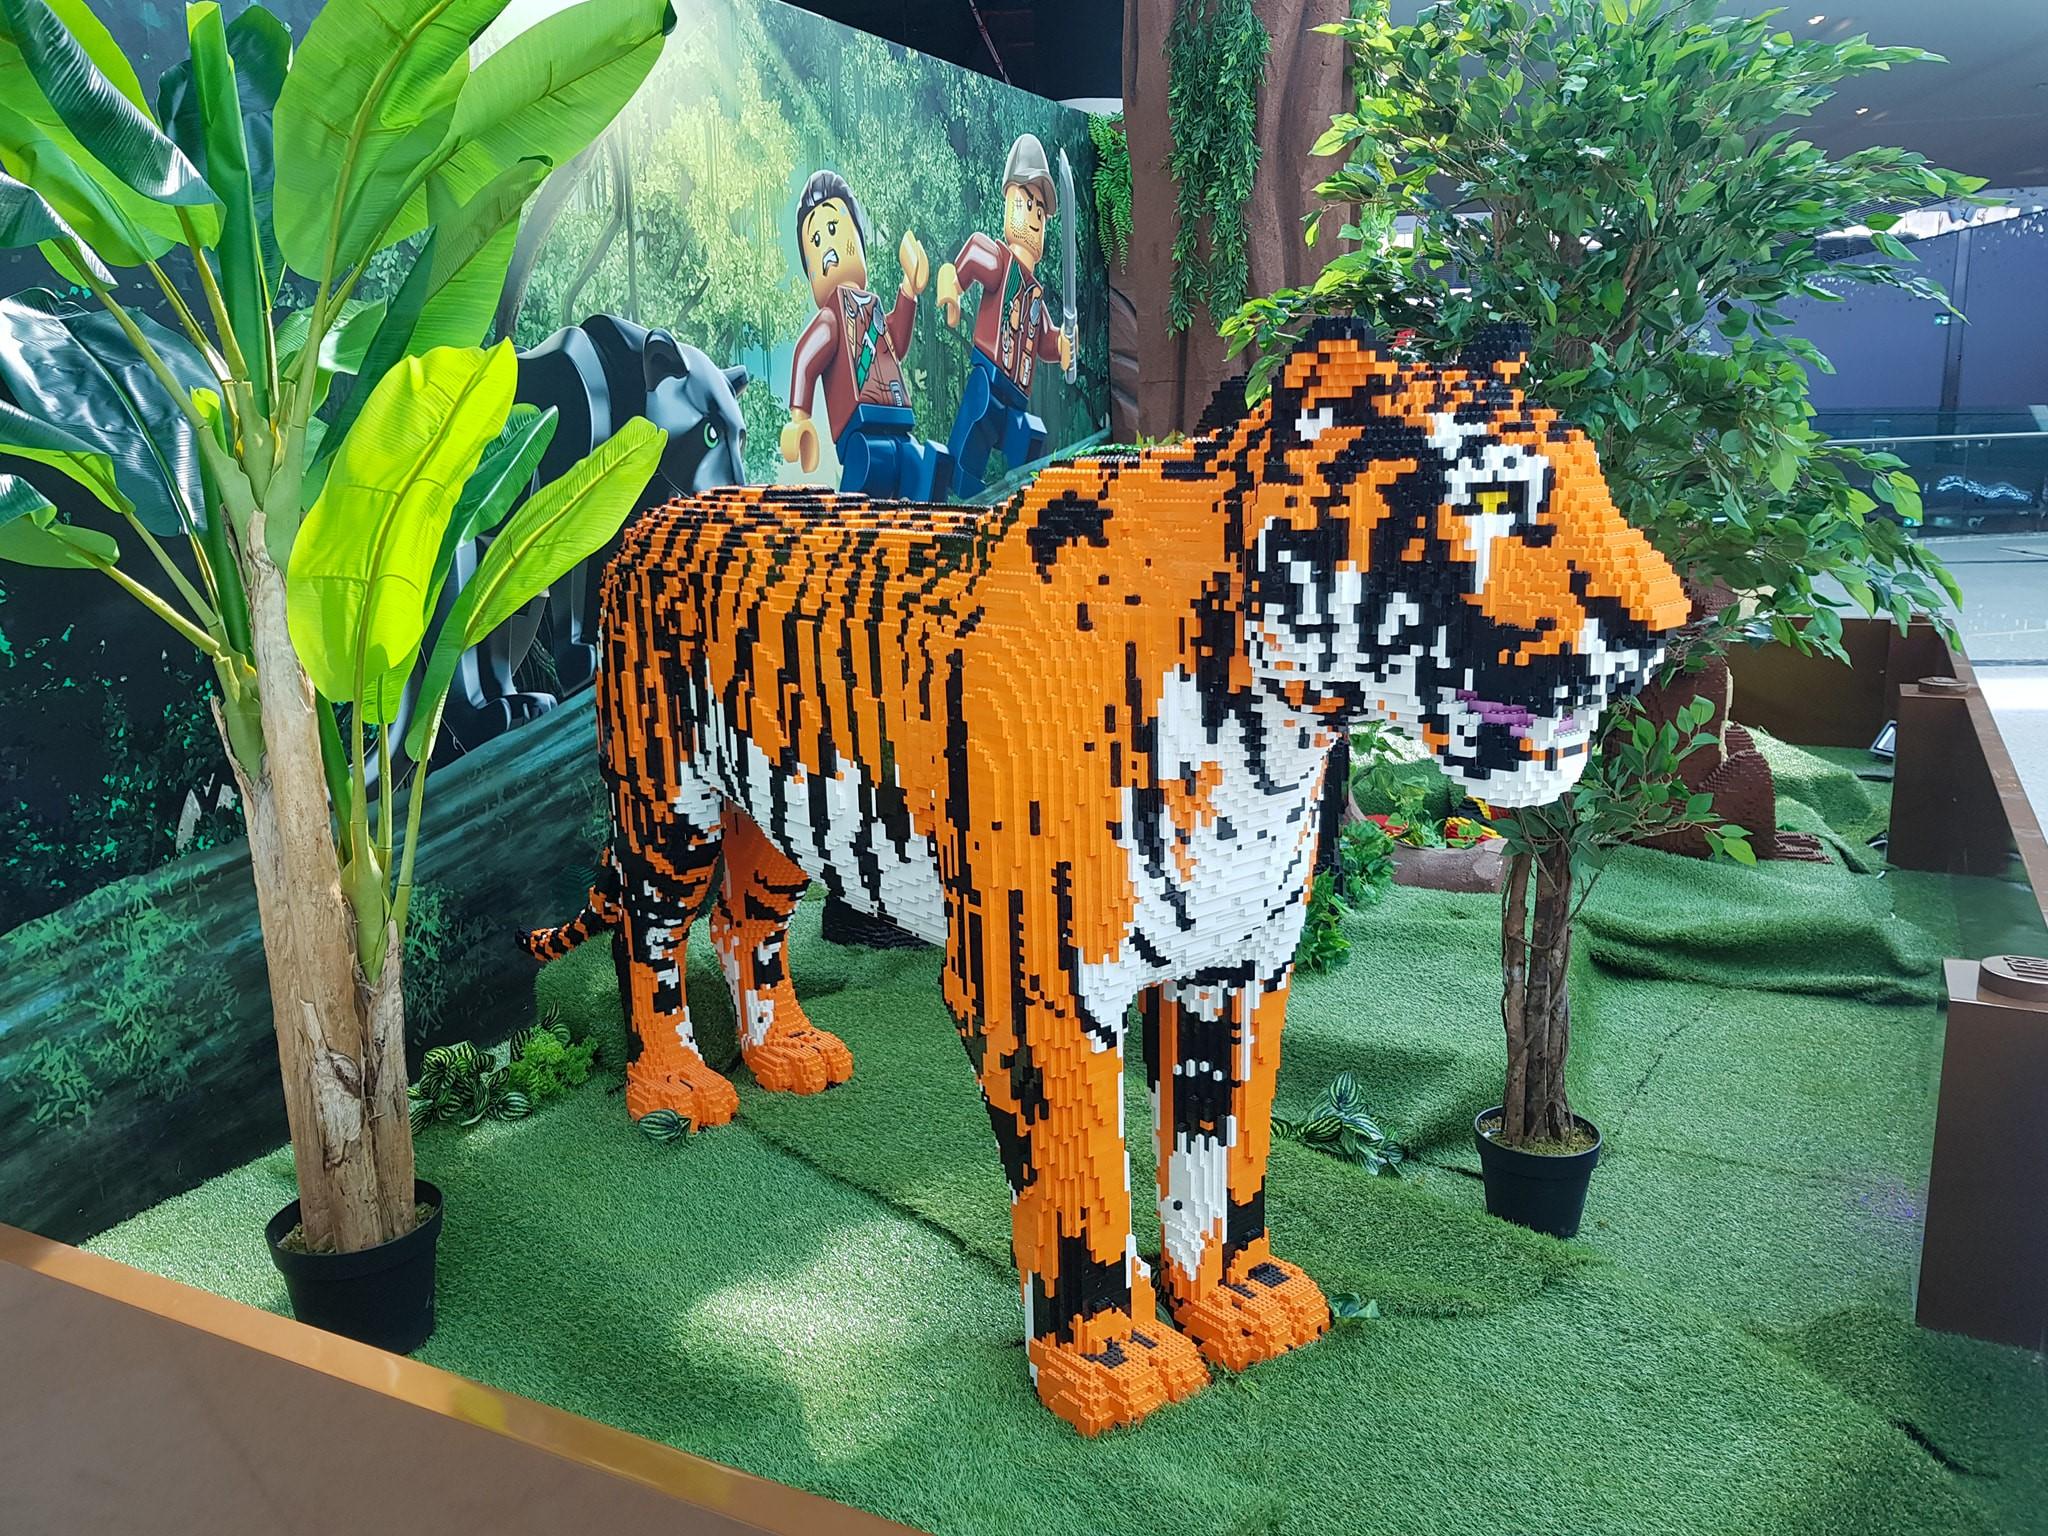 LEGO Festival jungle